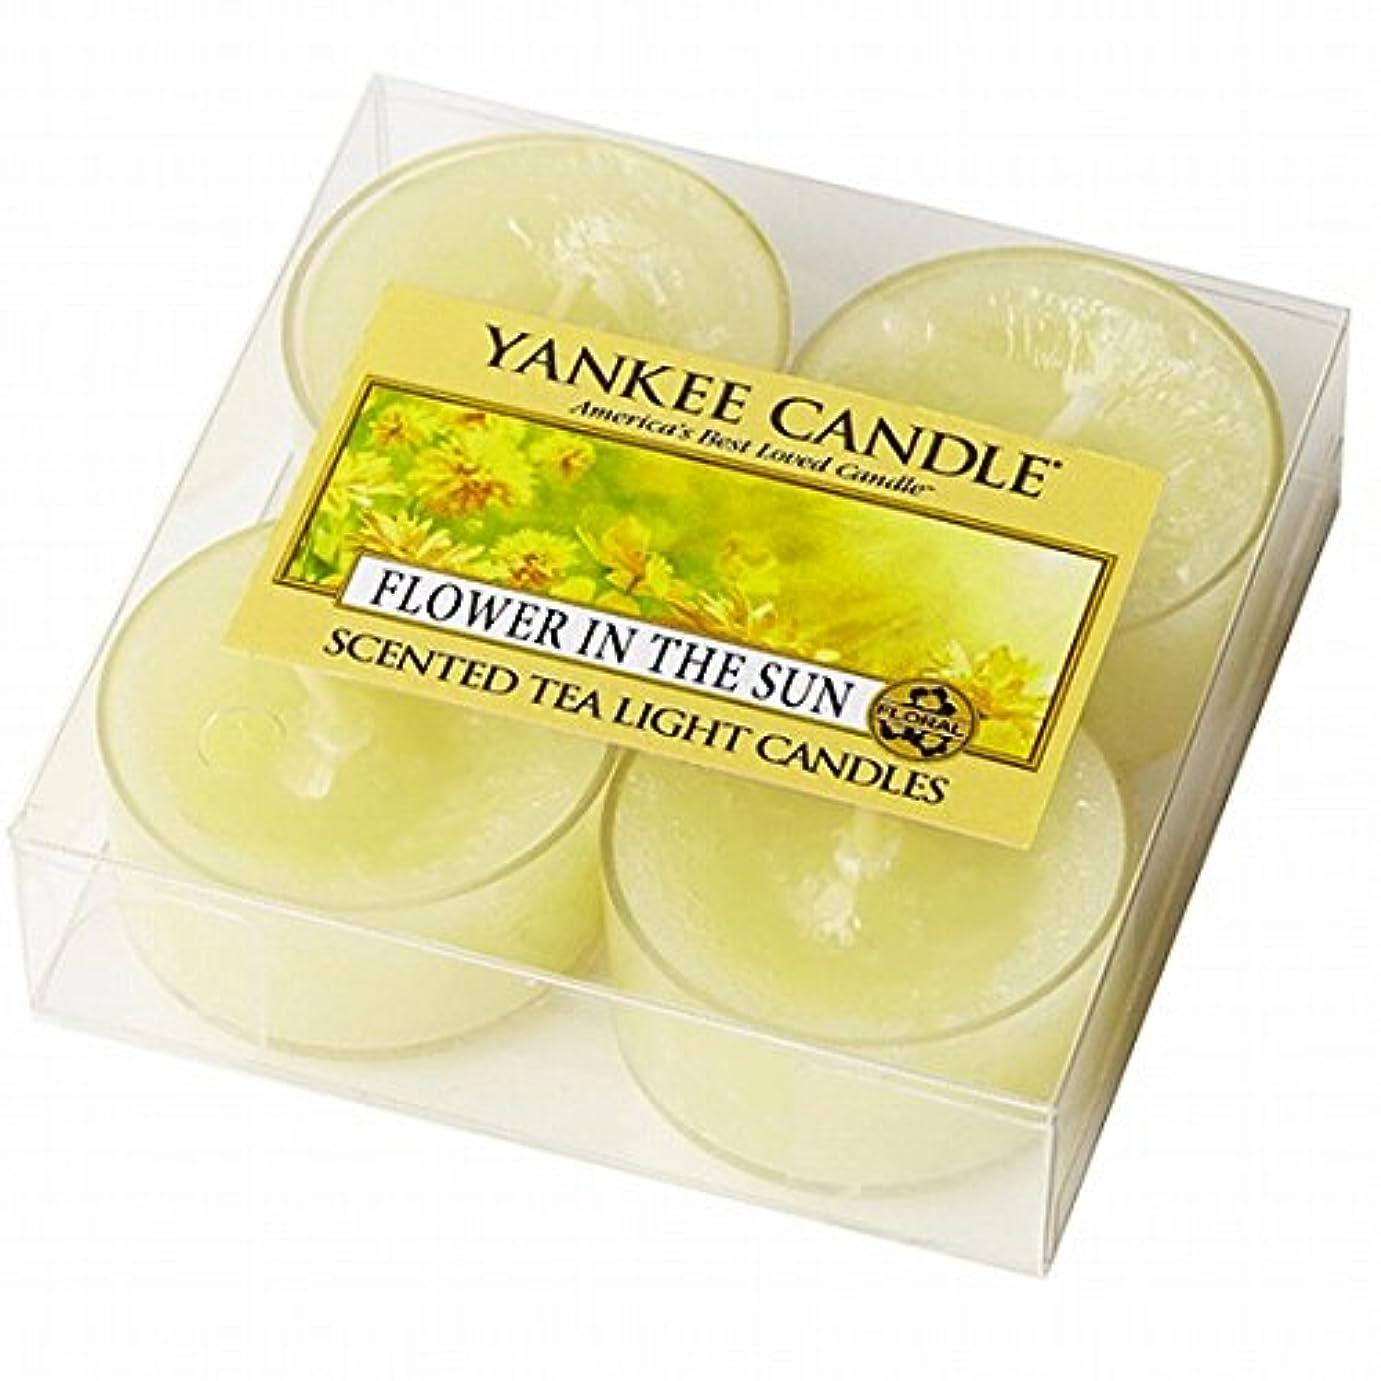 ヤンキーキャンドル( YANKEE CANDLE ) YANKEE CANDLE クリアカップティーライト4個入り 「フラワーインザサン」